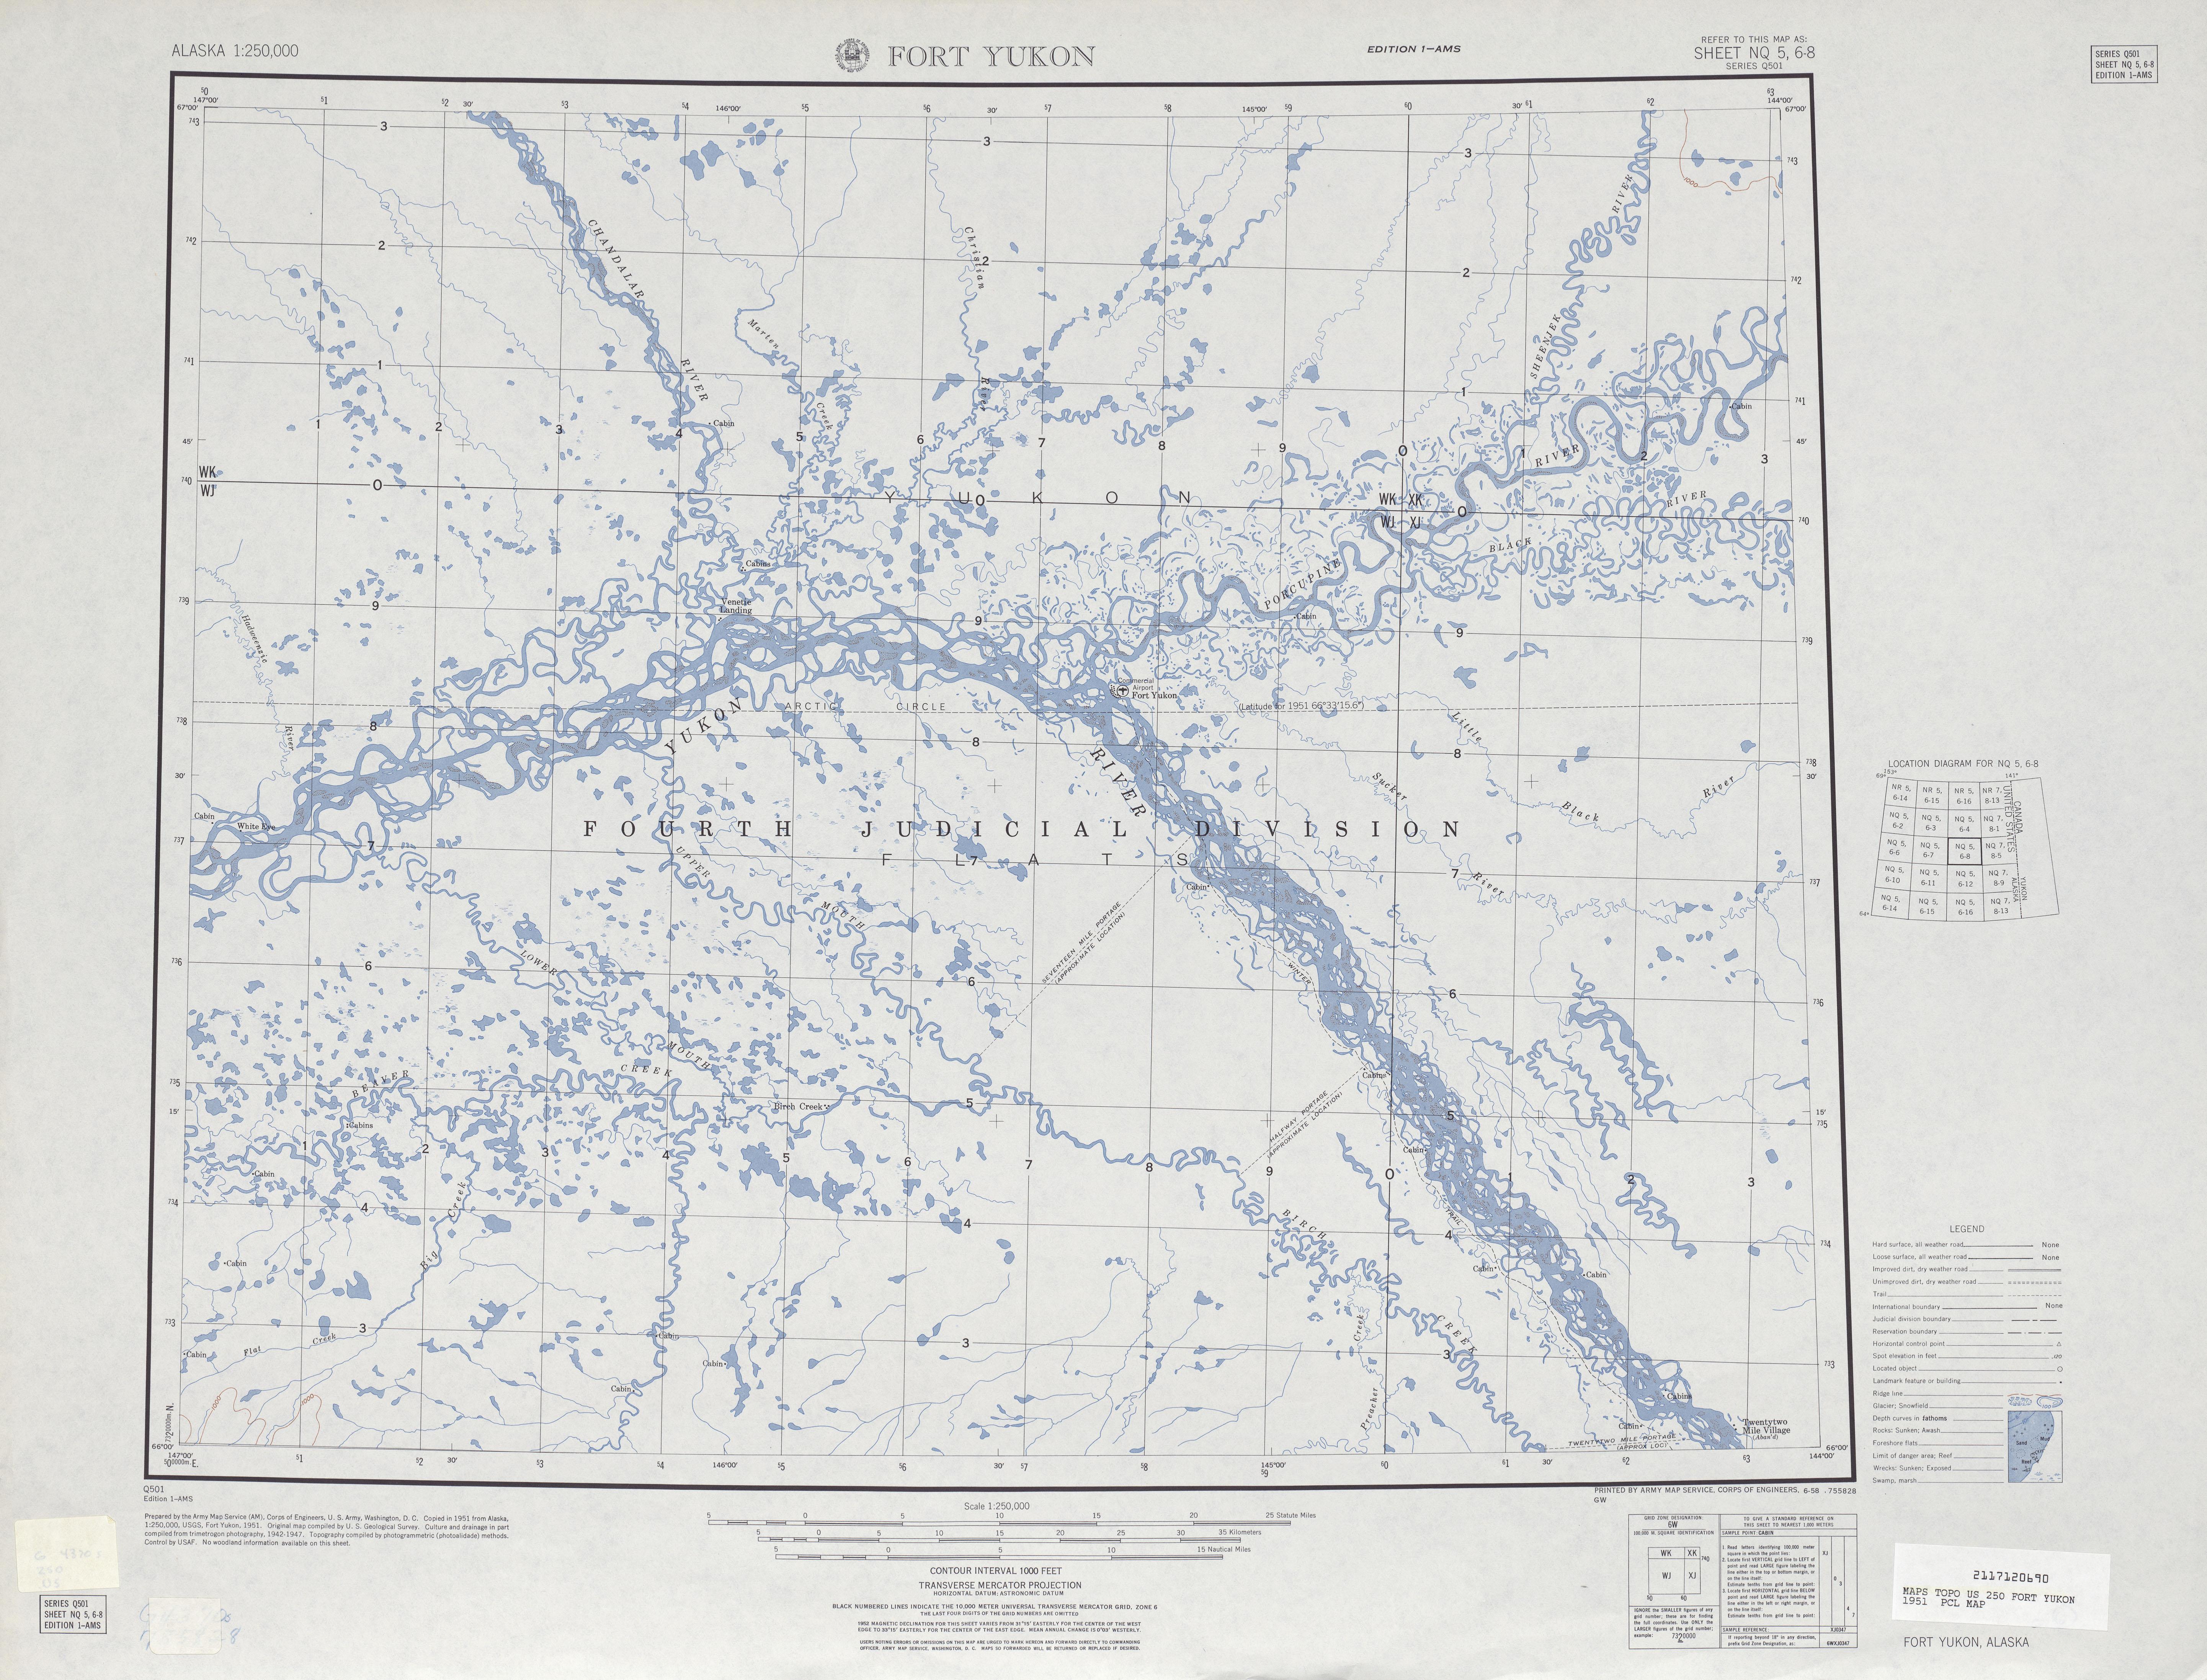 Hoja Fort Yukon del Mapa Topográfico de los Estados Unidos 1951